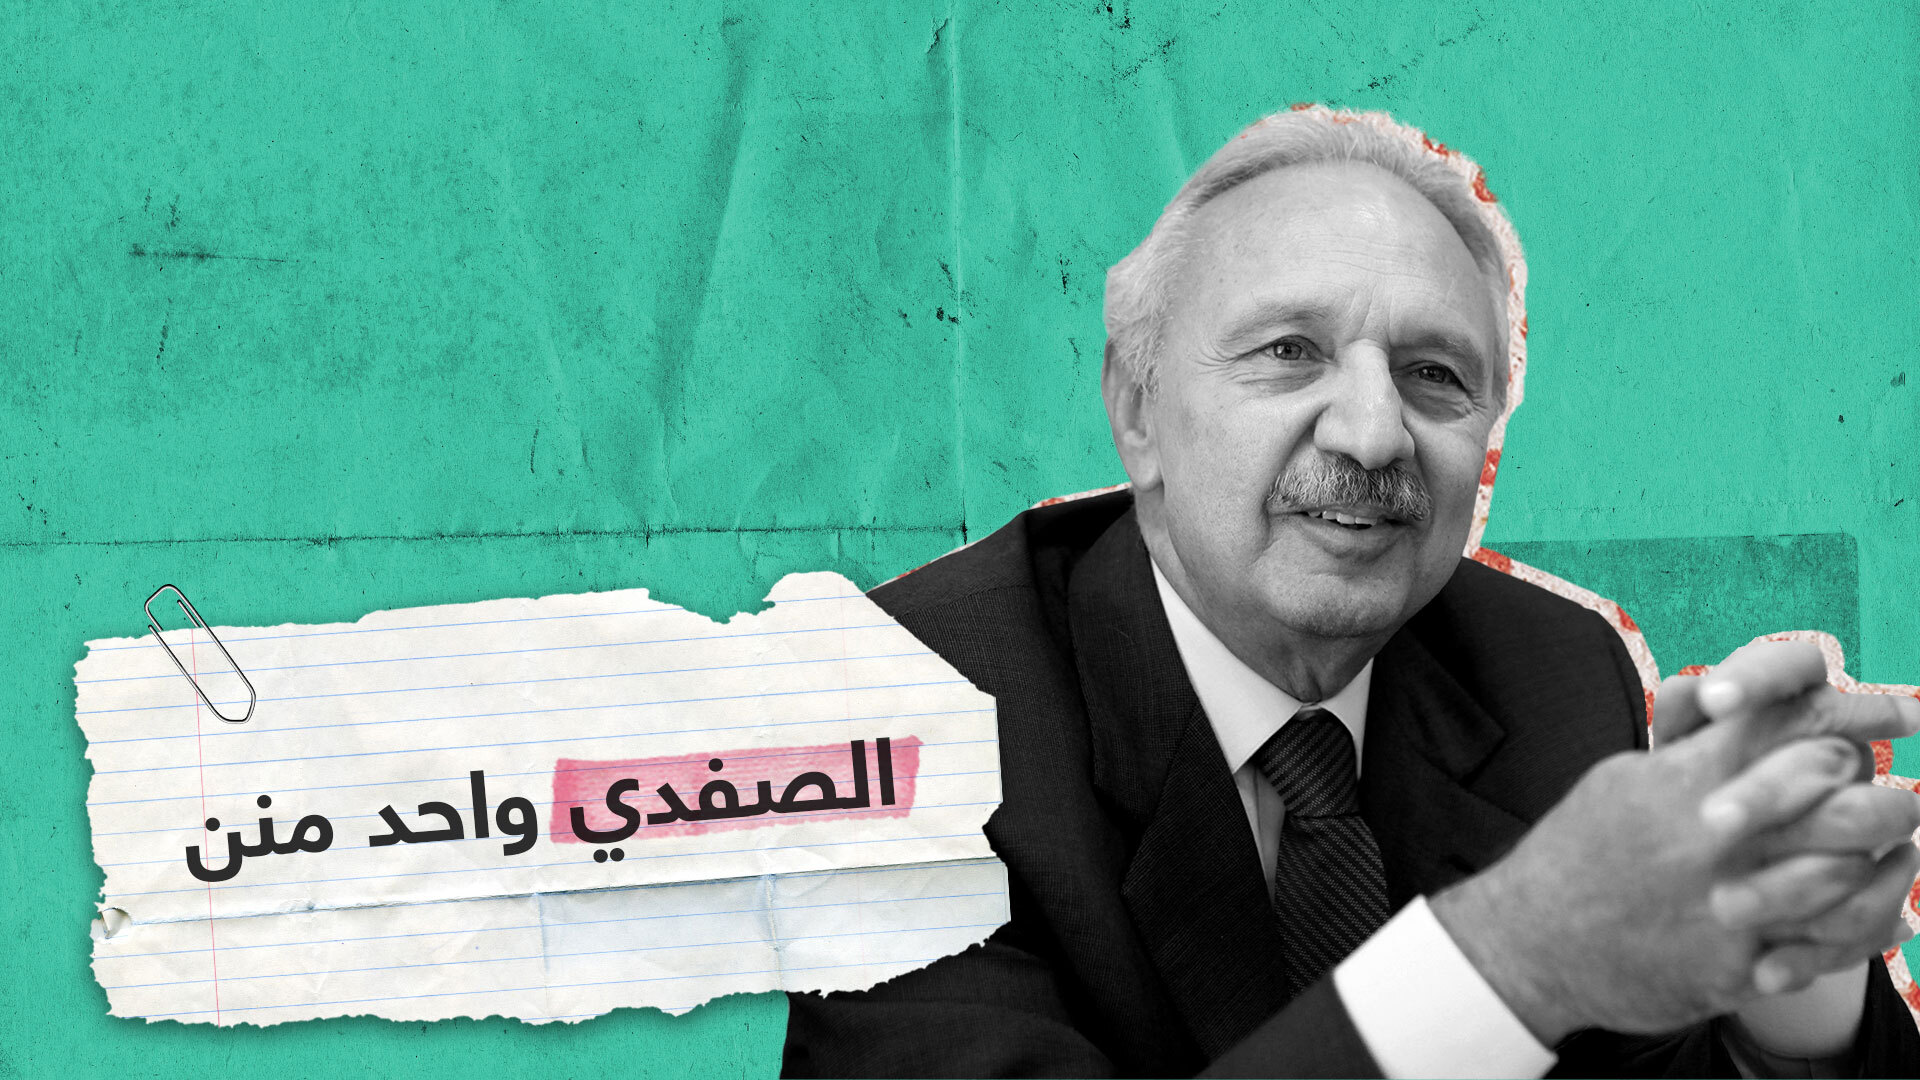 اللبنانيون يرفضون تعيين وزير المالية الأسبق رئيسا للوزراء